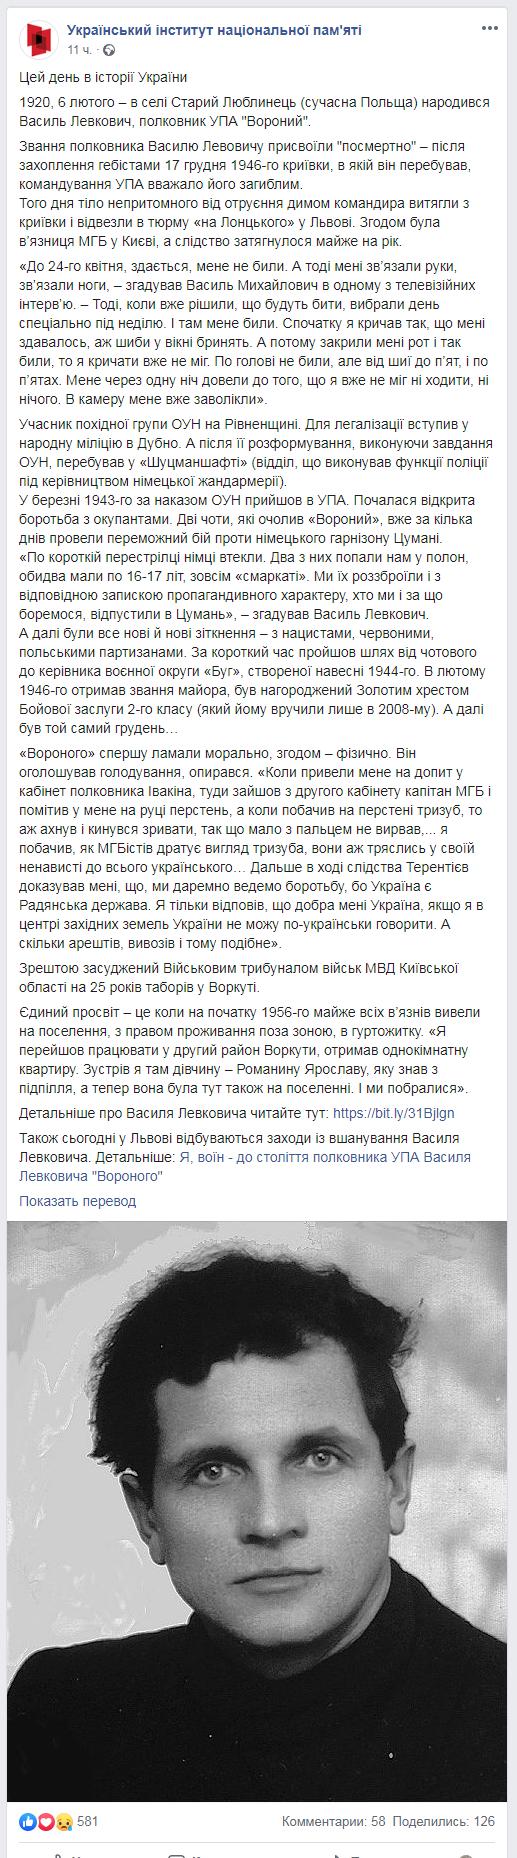 левкович.png